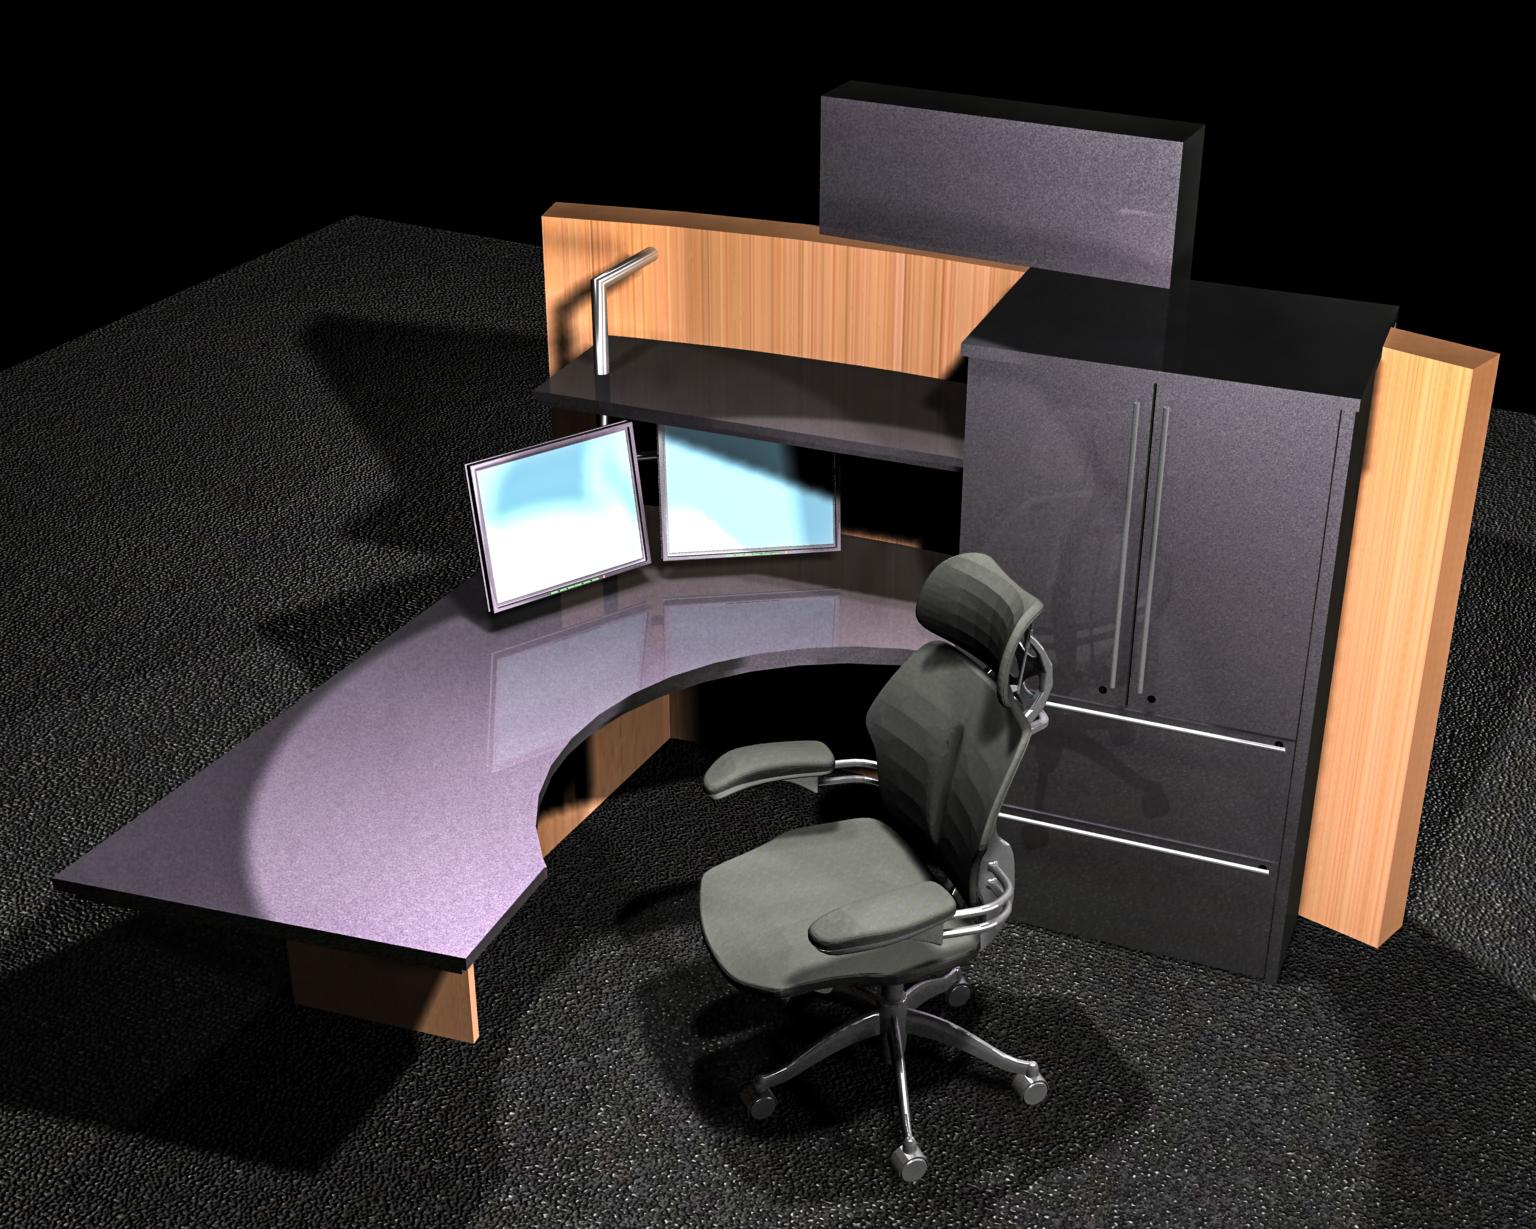 S.F. Bank: Model: Platform desk concept